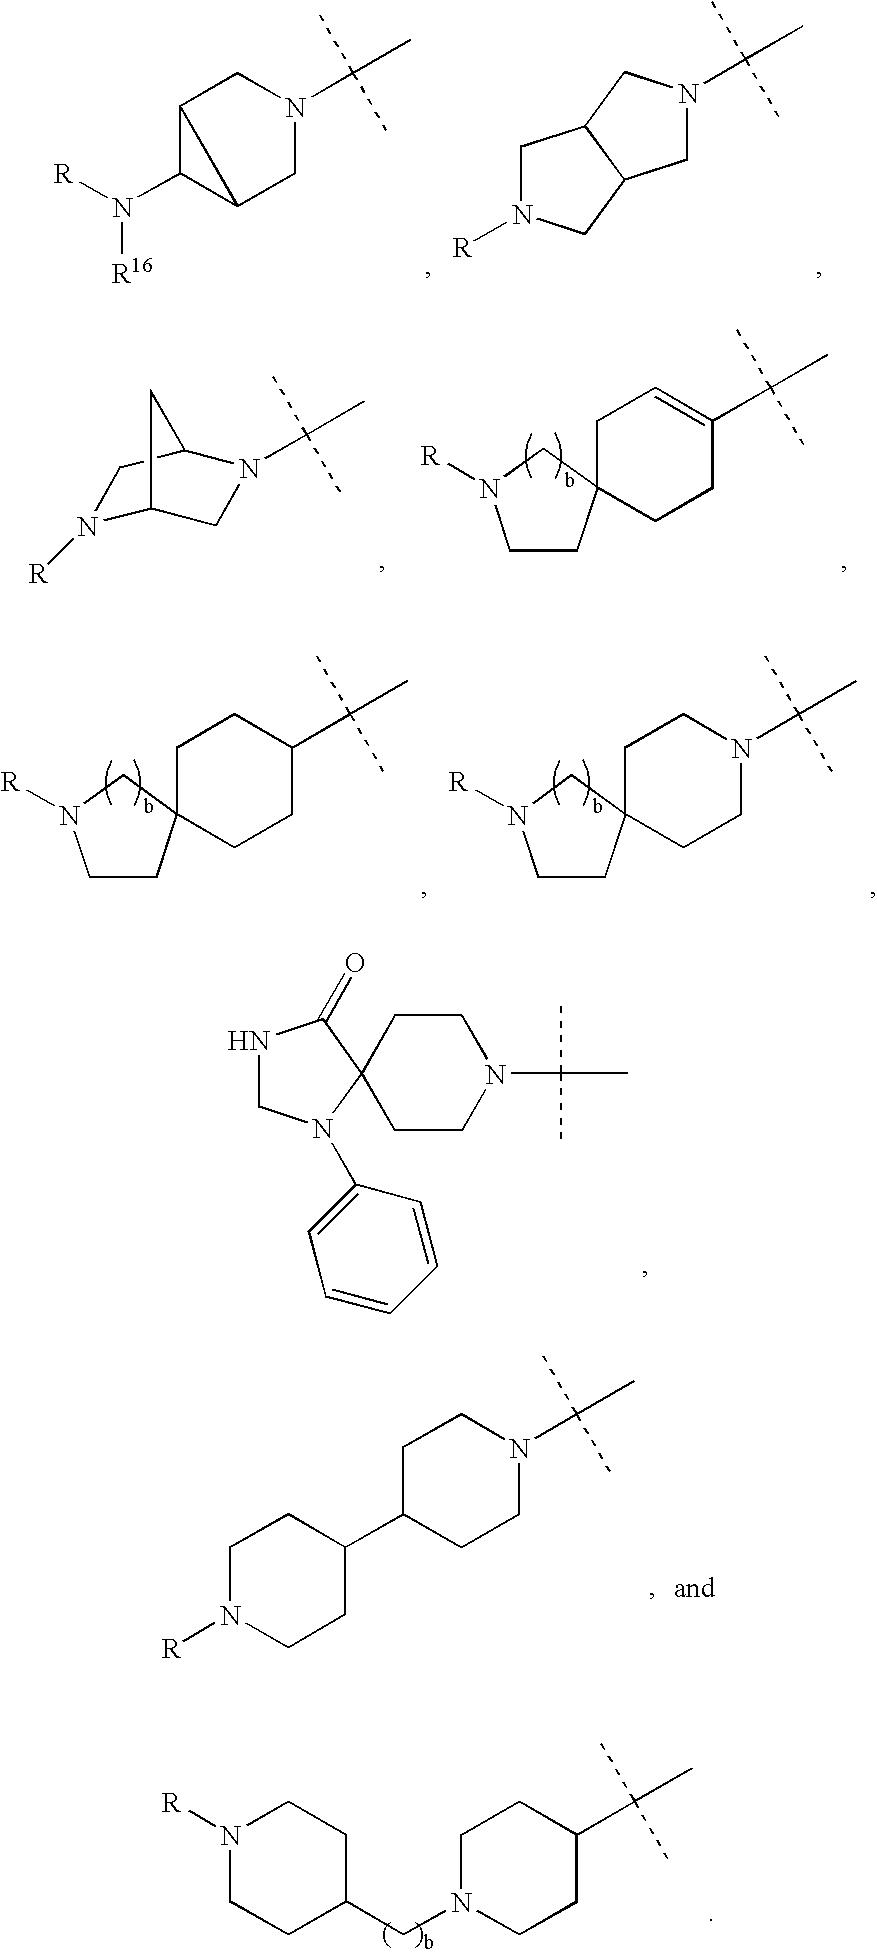 Figure US20050234033A1-20051020-C00005